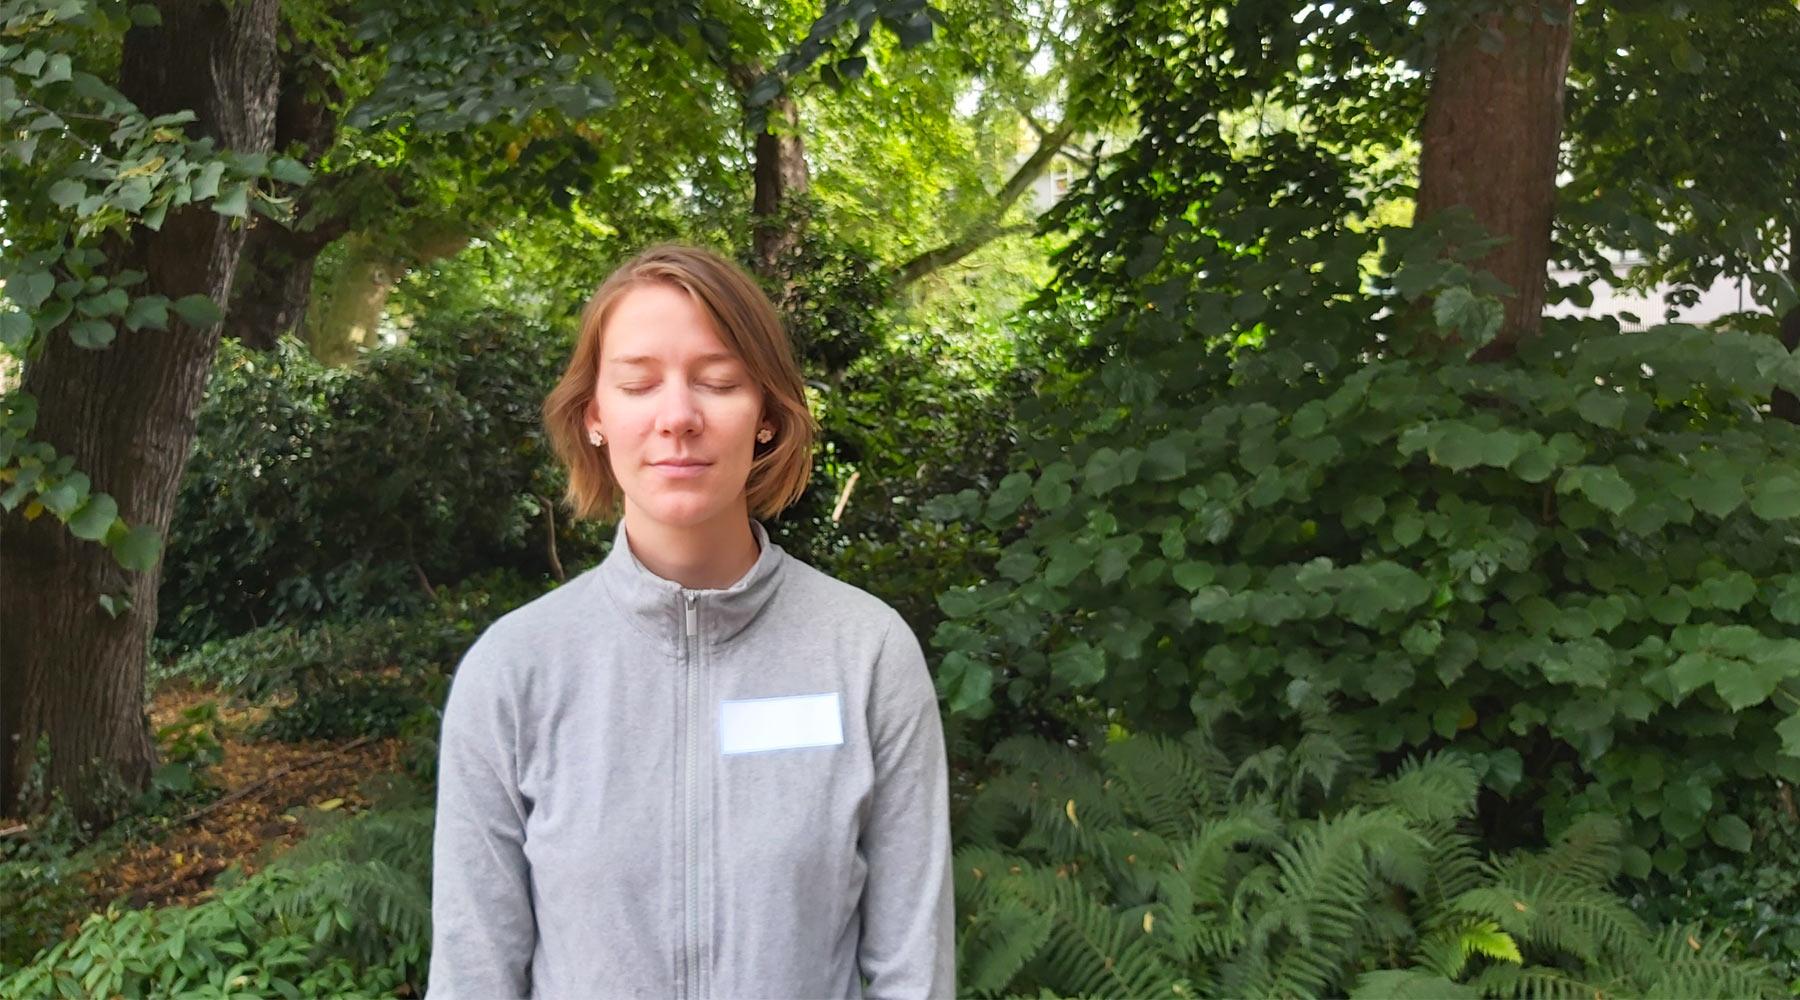 Eco-vrienden, duurzame dodo's, groene gekkies: hoe noem je mensen die graag duurzaam leven?